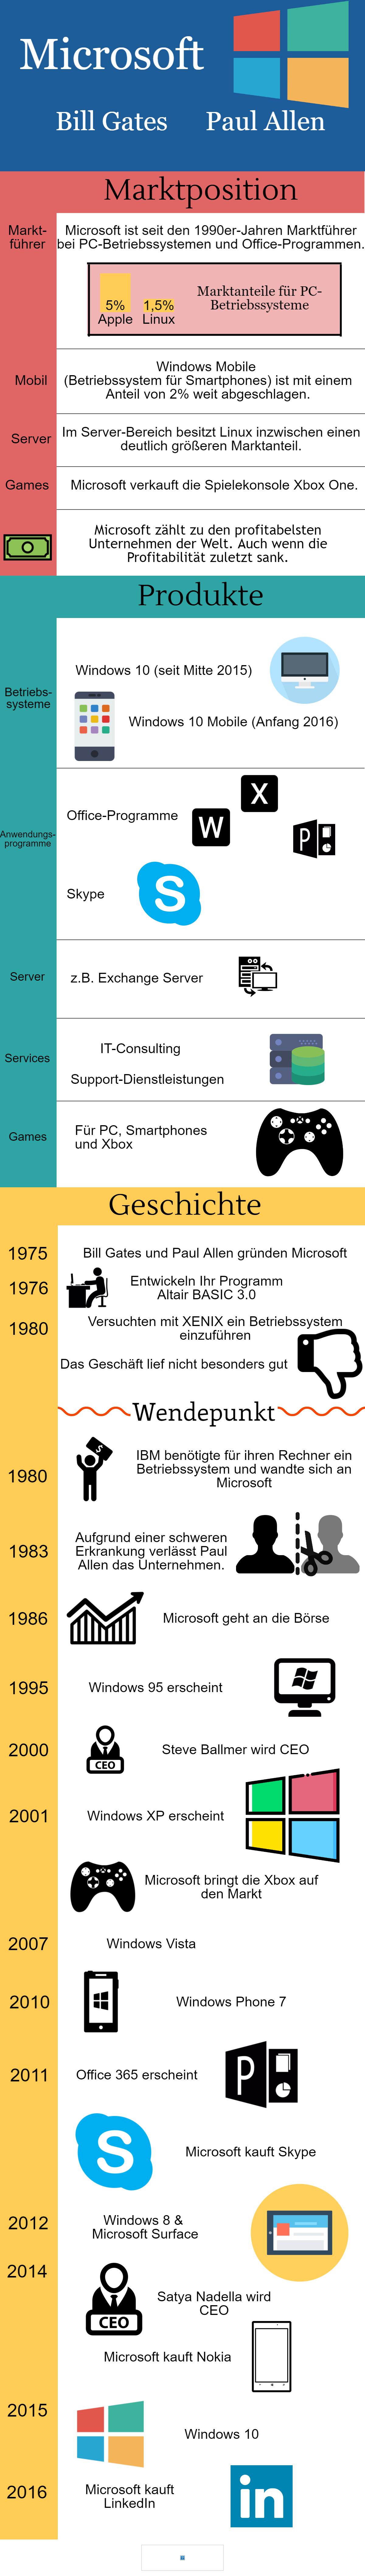 Informationsgrafik über Microsoft, überarbeitet